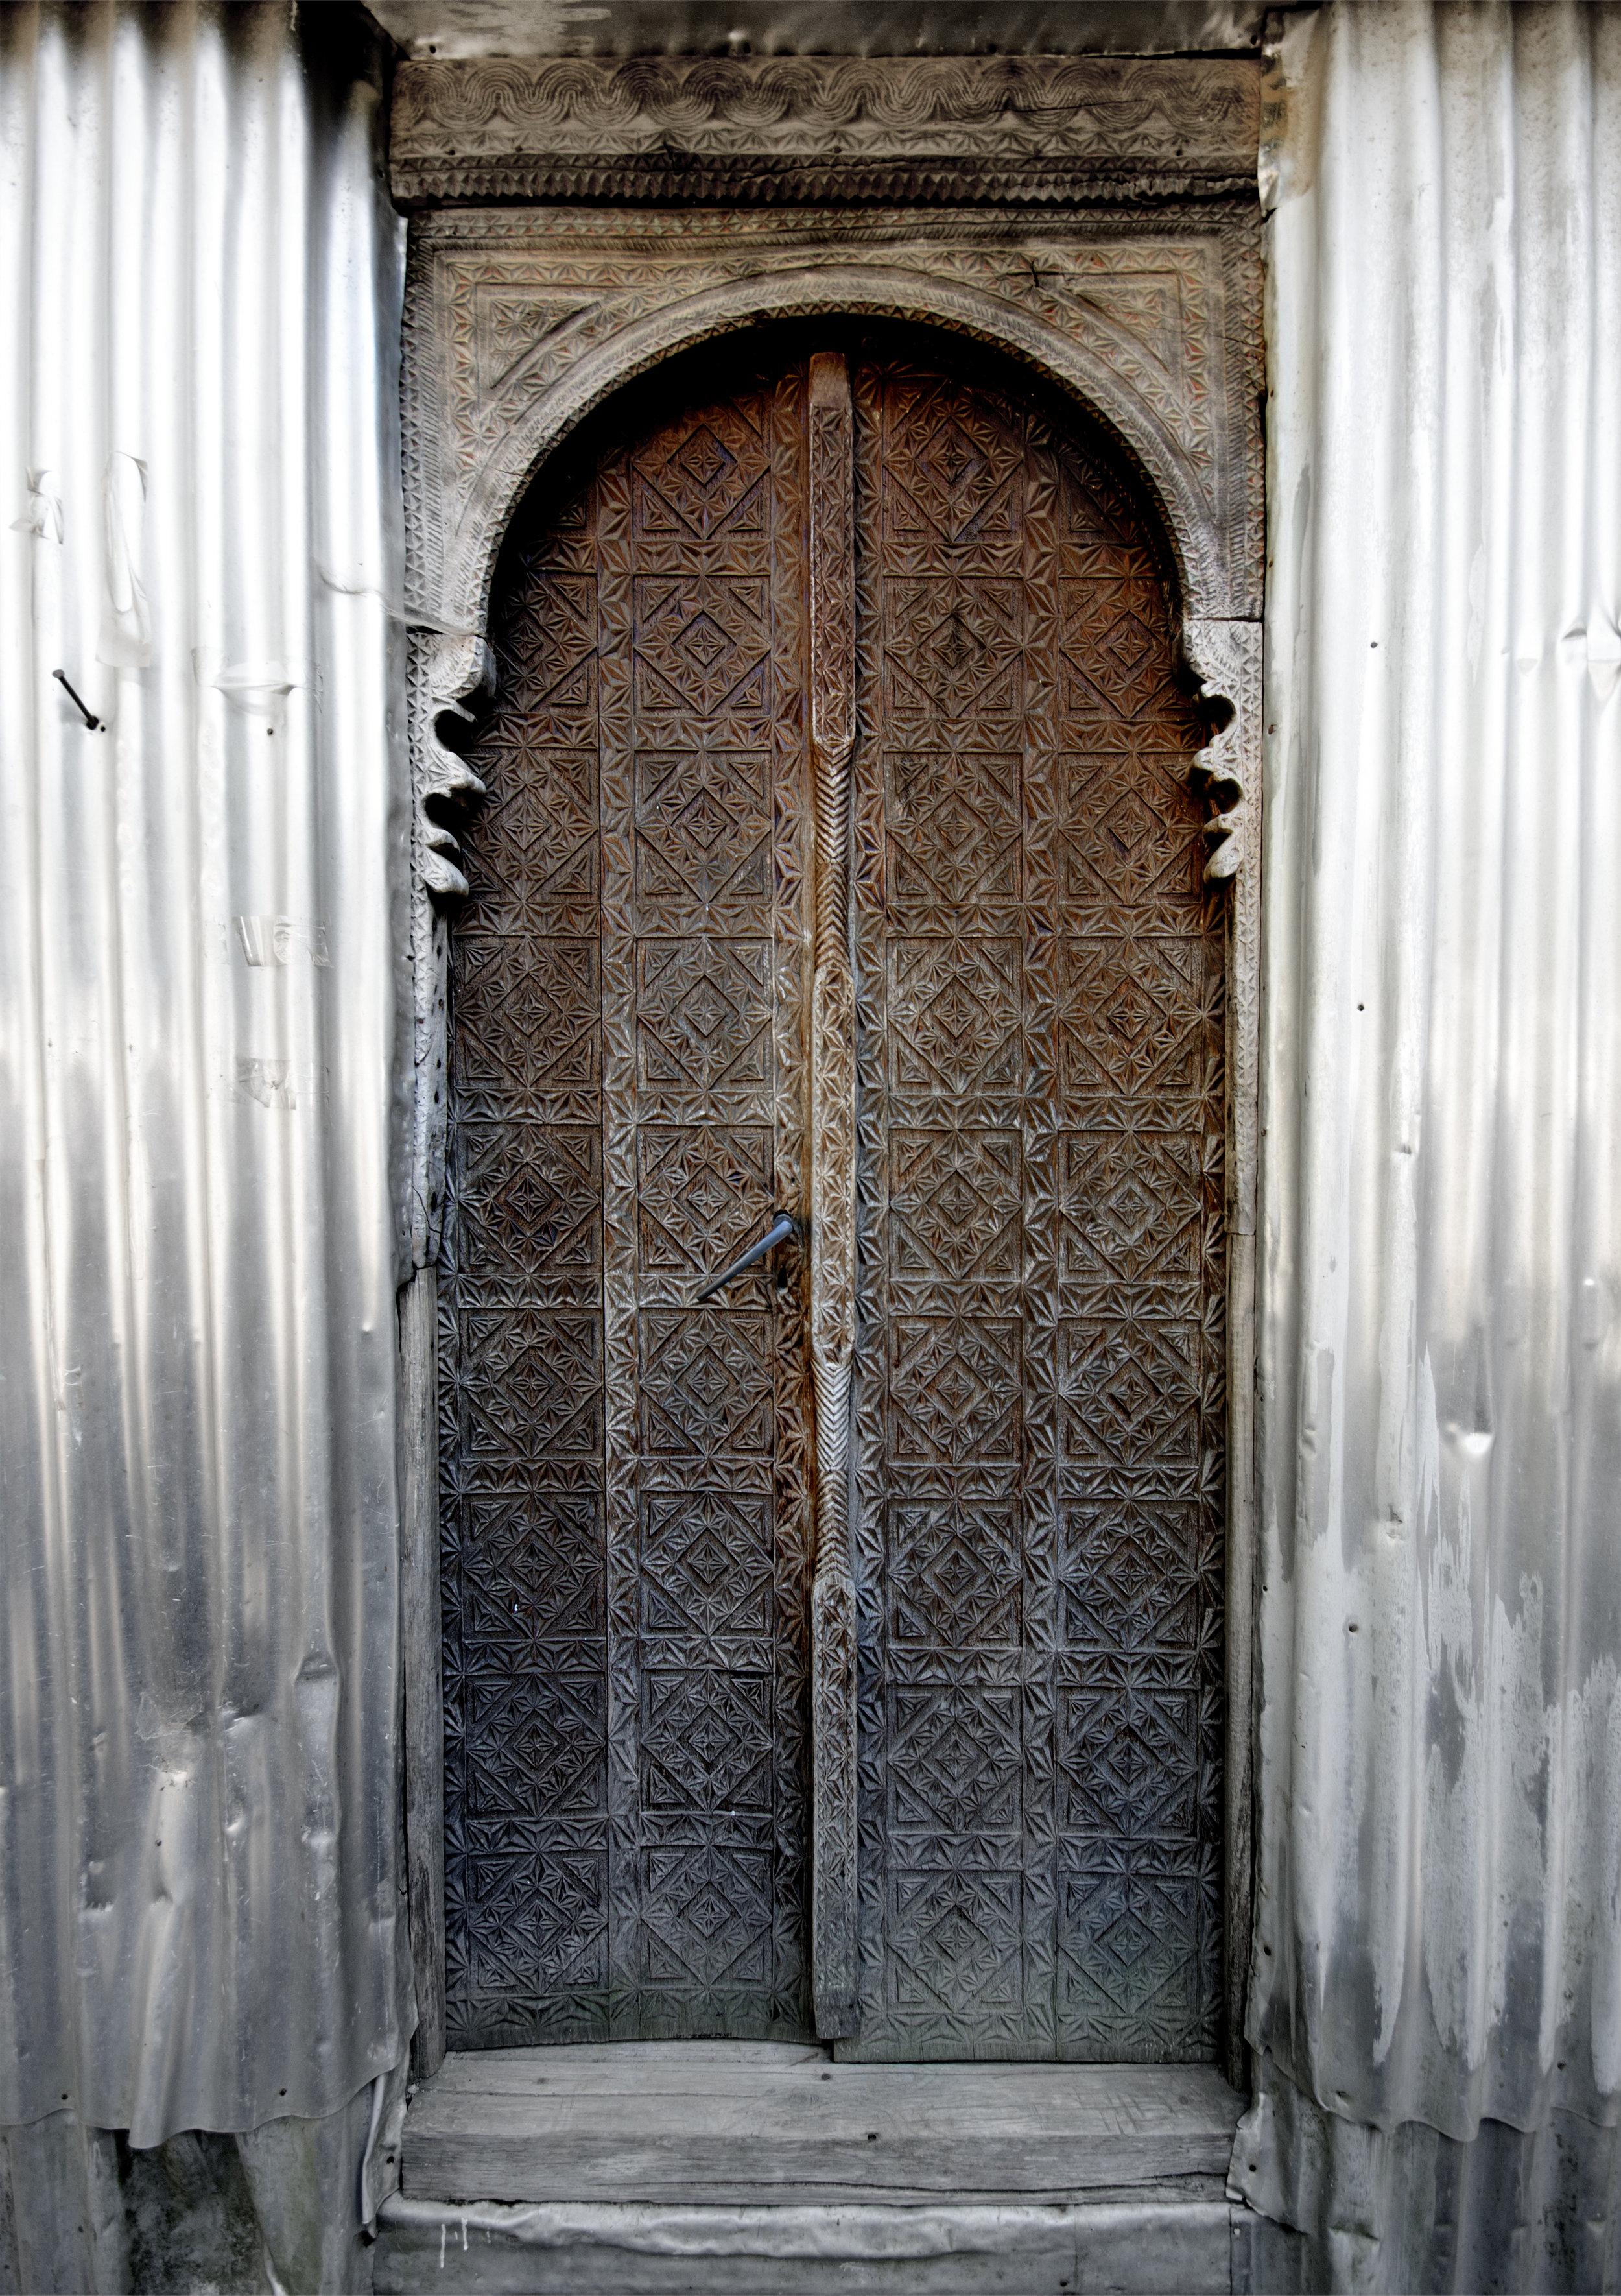 ახო სოფლის მეჩეთიის კარების დეტალი © ყველა უფლება დაცულია Wooden Mosques Project